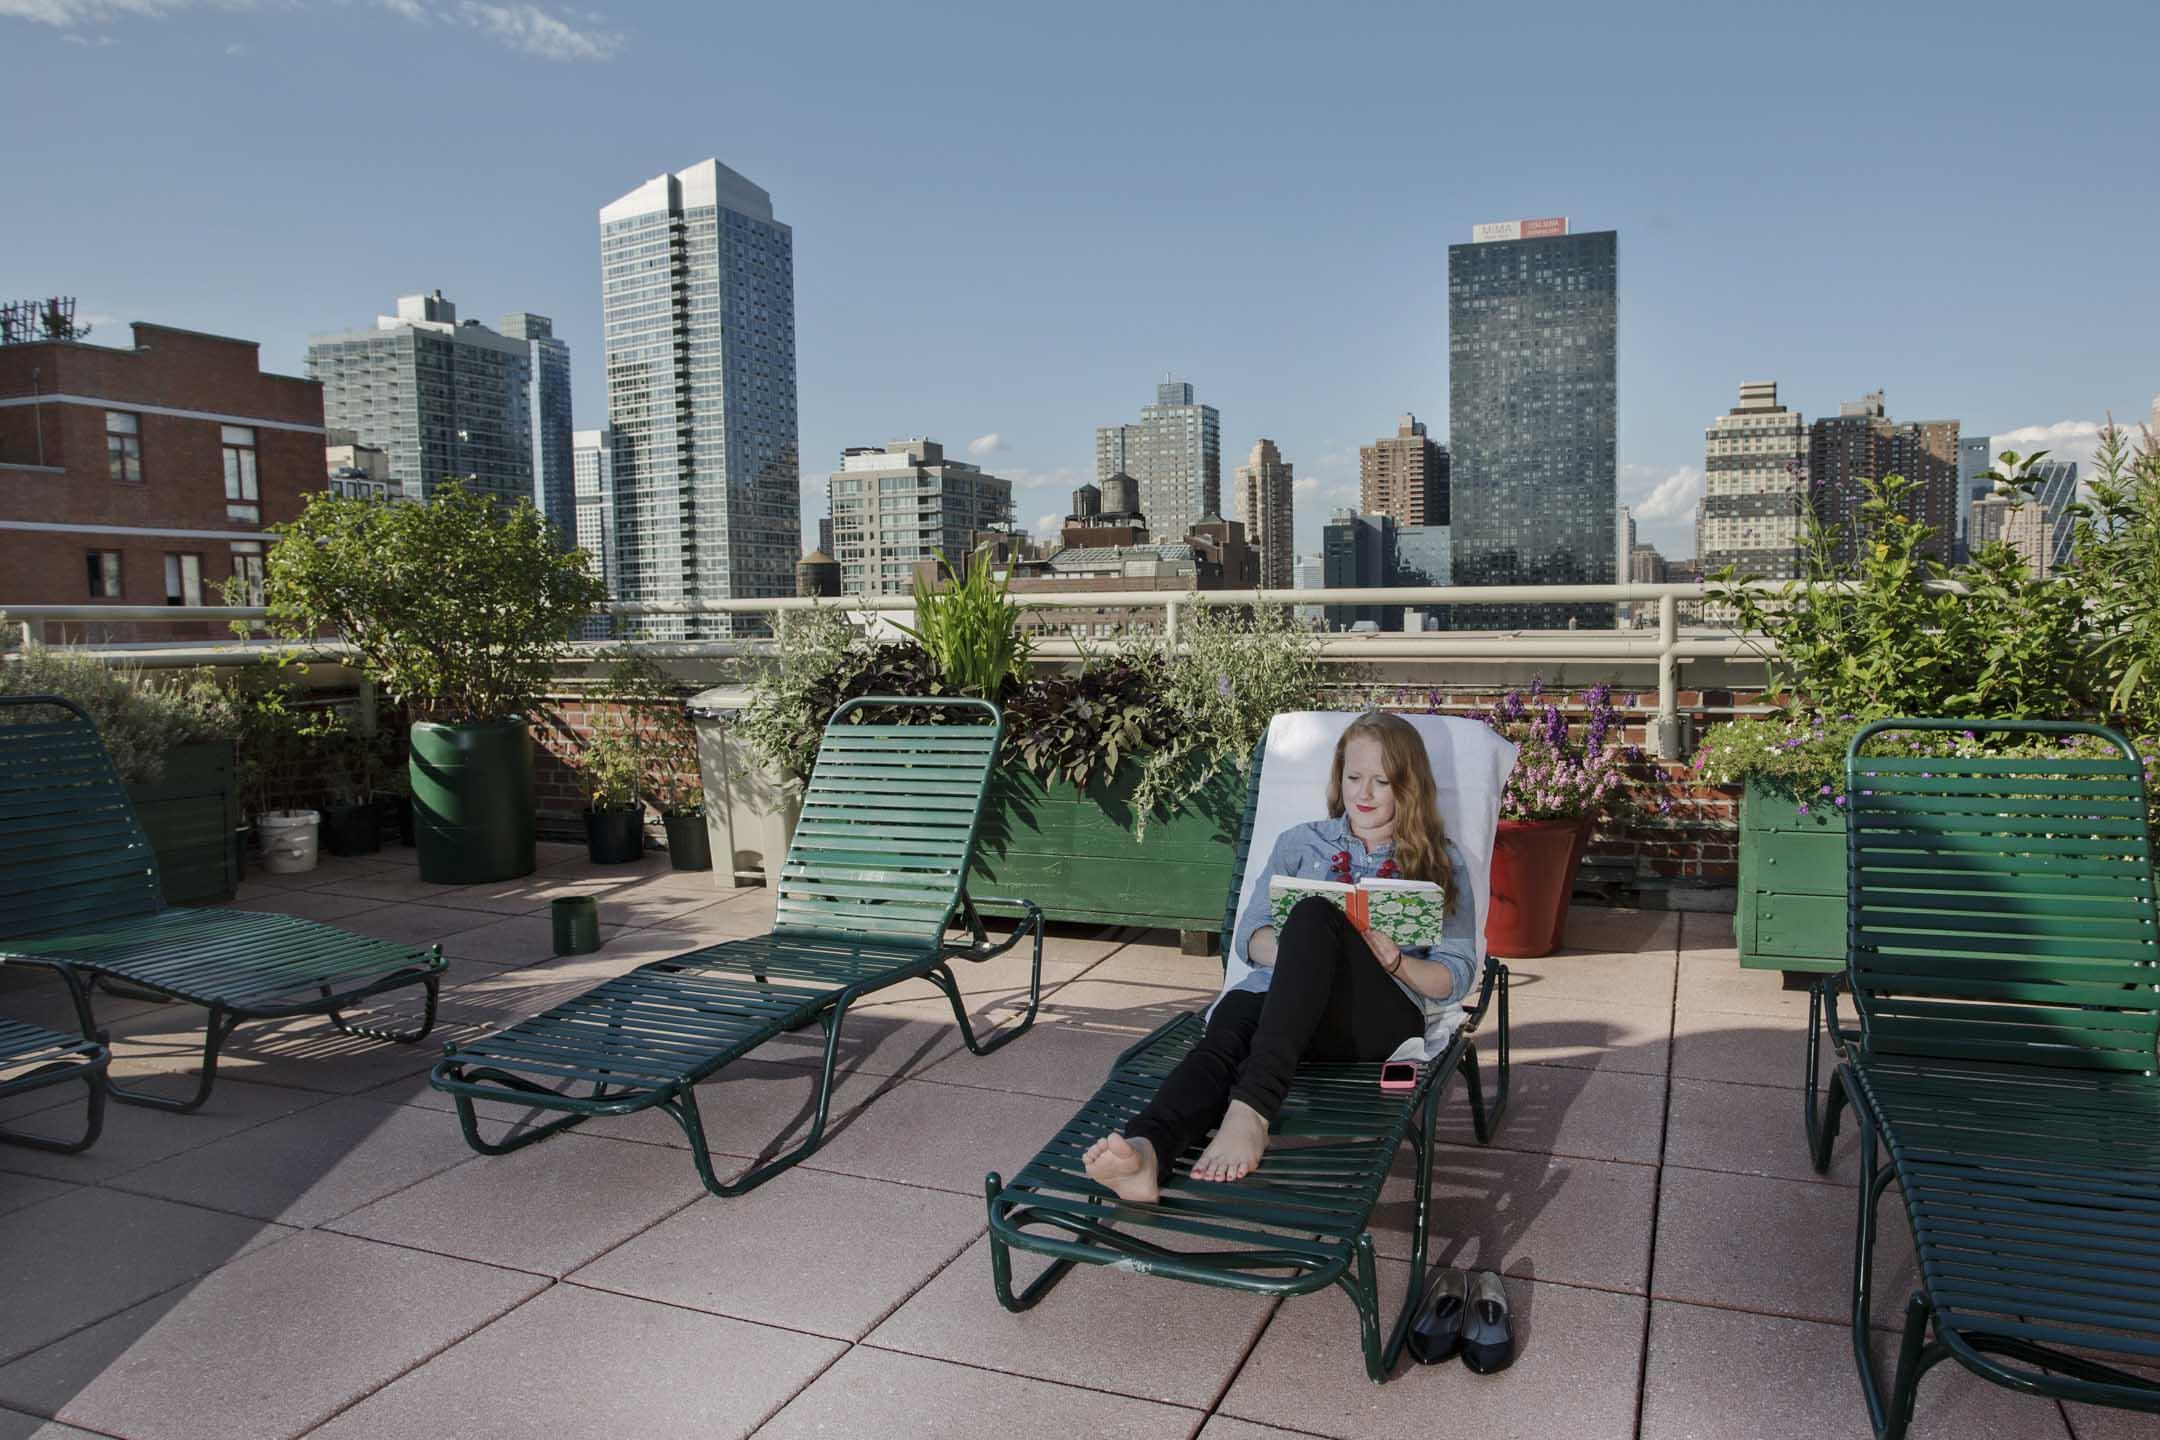 韋伯斯特(Webster Apartments)是曼哈頓最後一間有百年歷史的女子公寓。 圖片來源:websterapartments